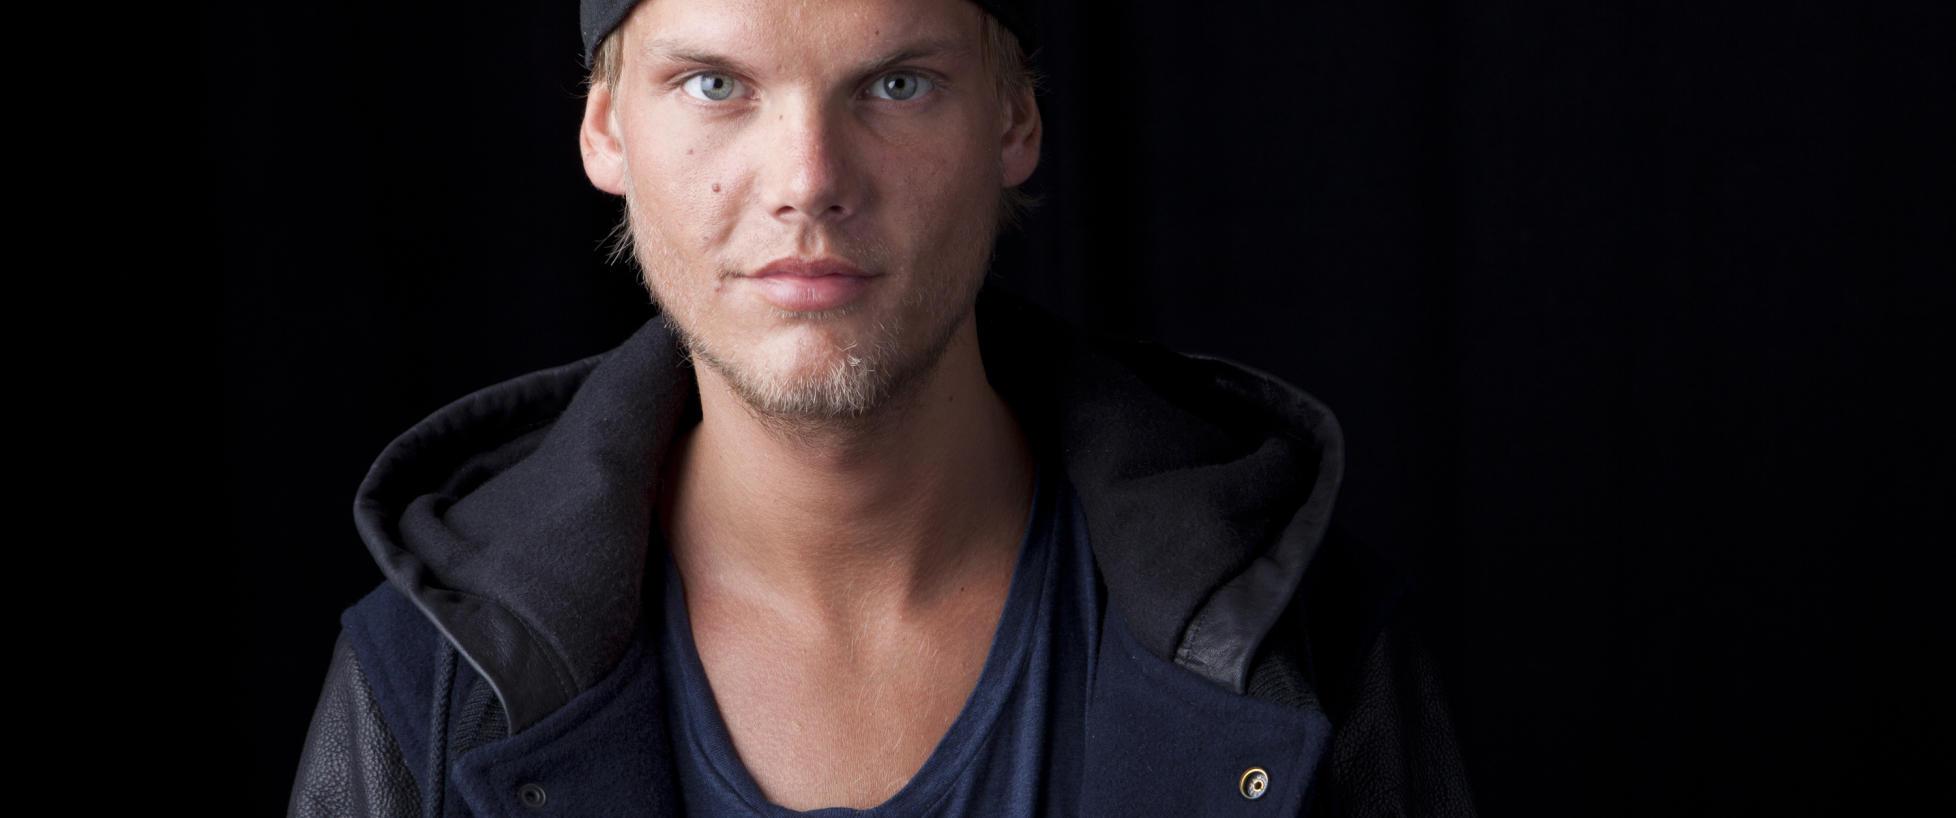 Denne svensken er verdens mest avspilte musiker under 25 år - kultur - Dagbladet.no